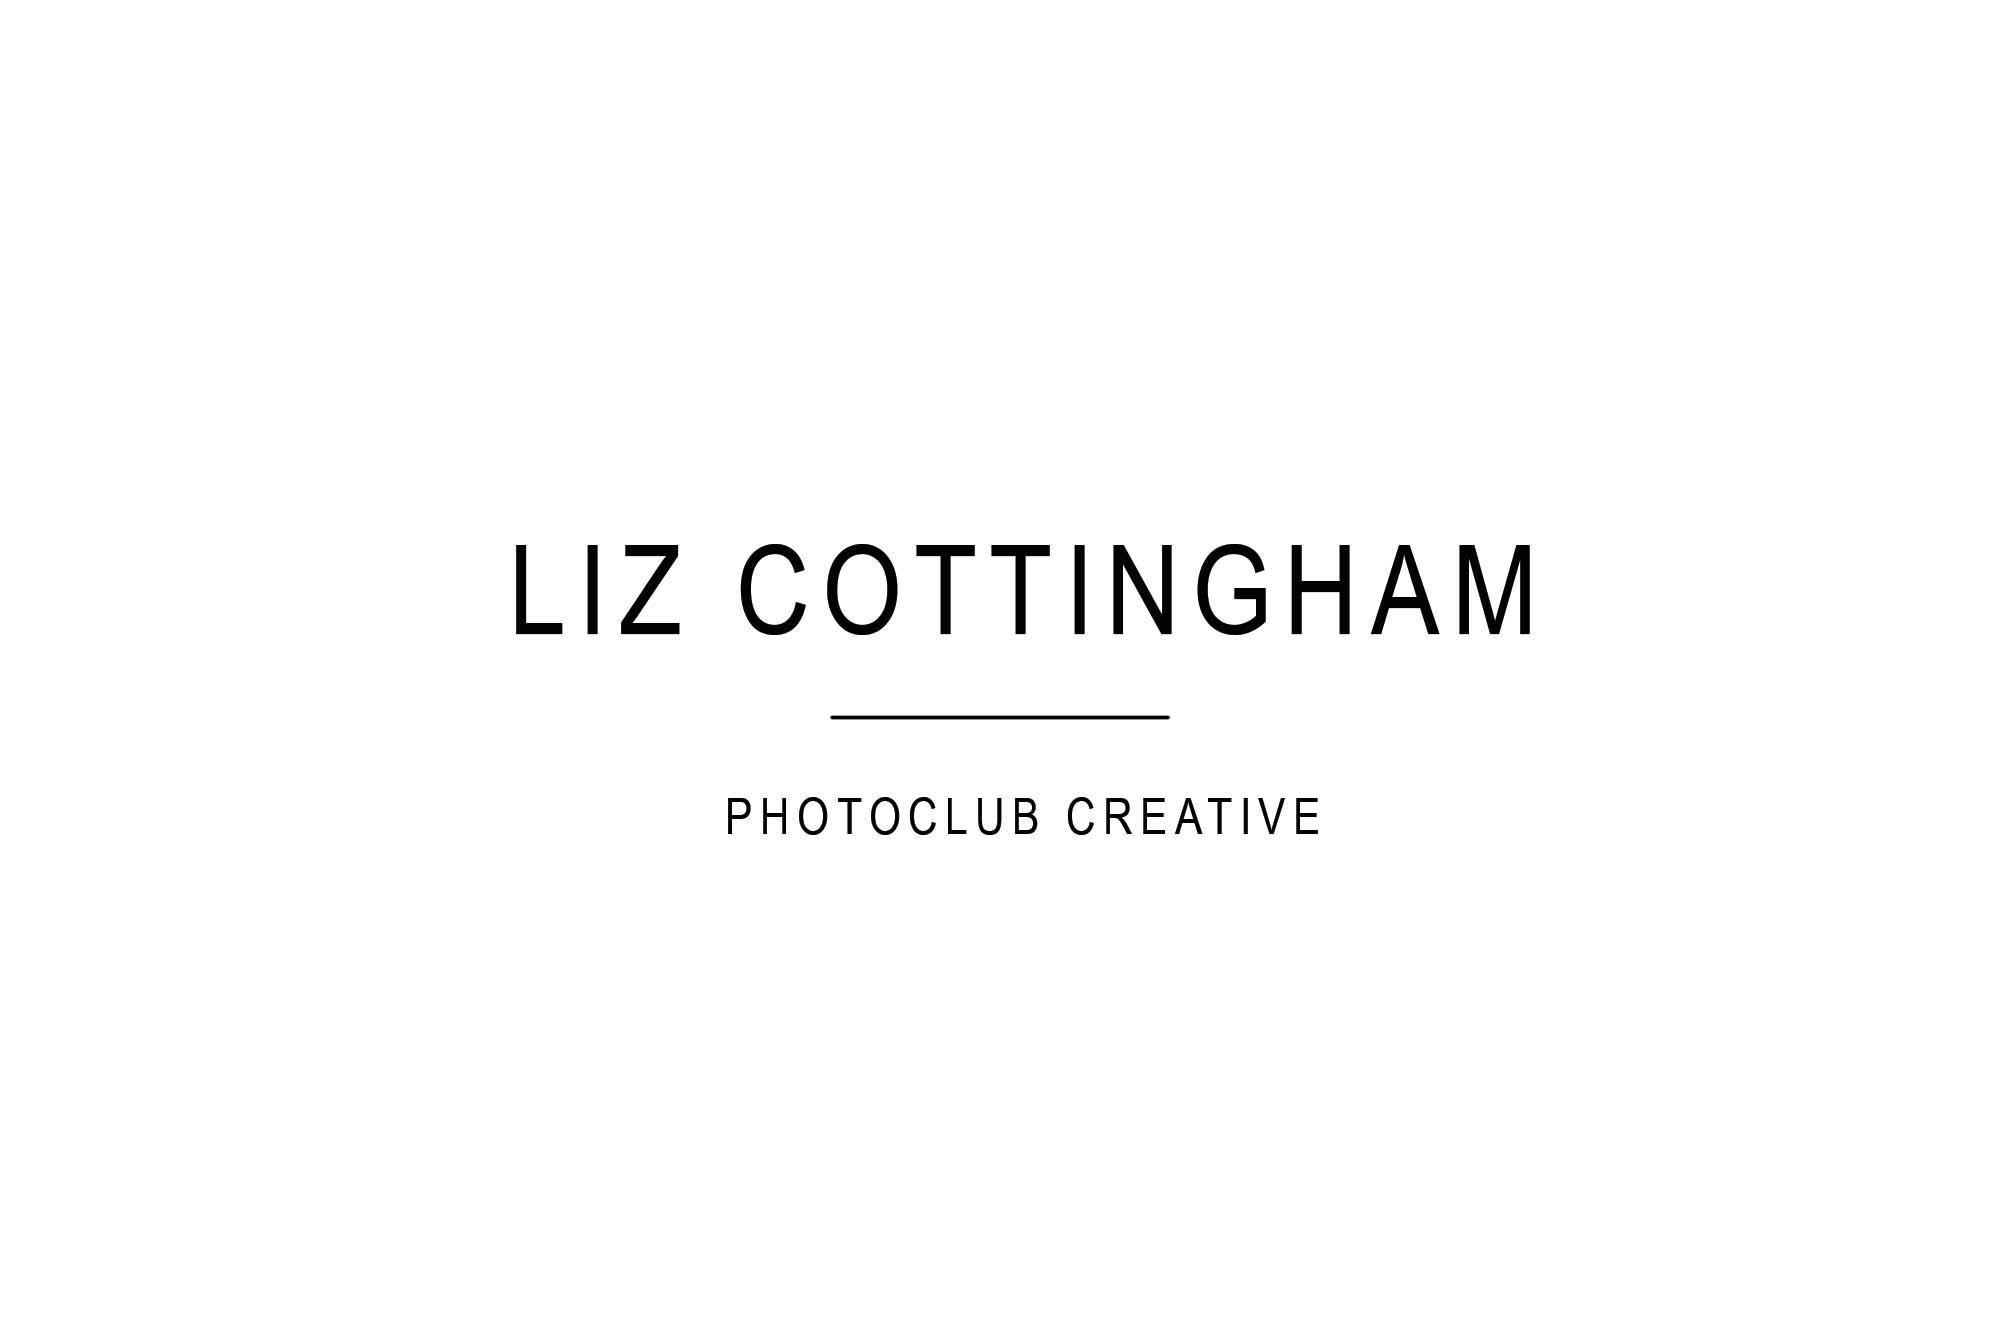 LizCottingham_00_Title_WhtBg.jpg